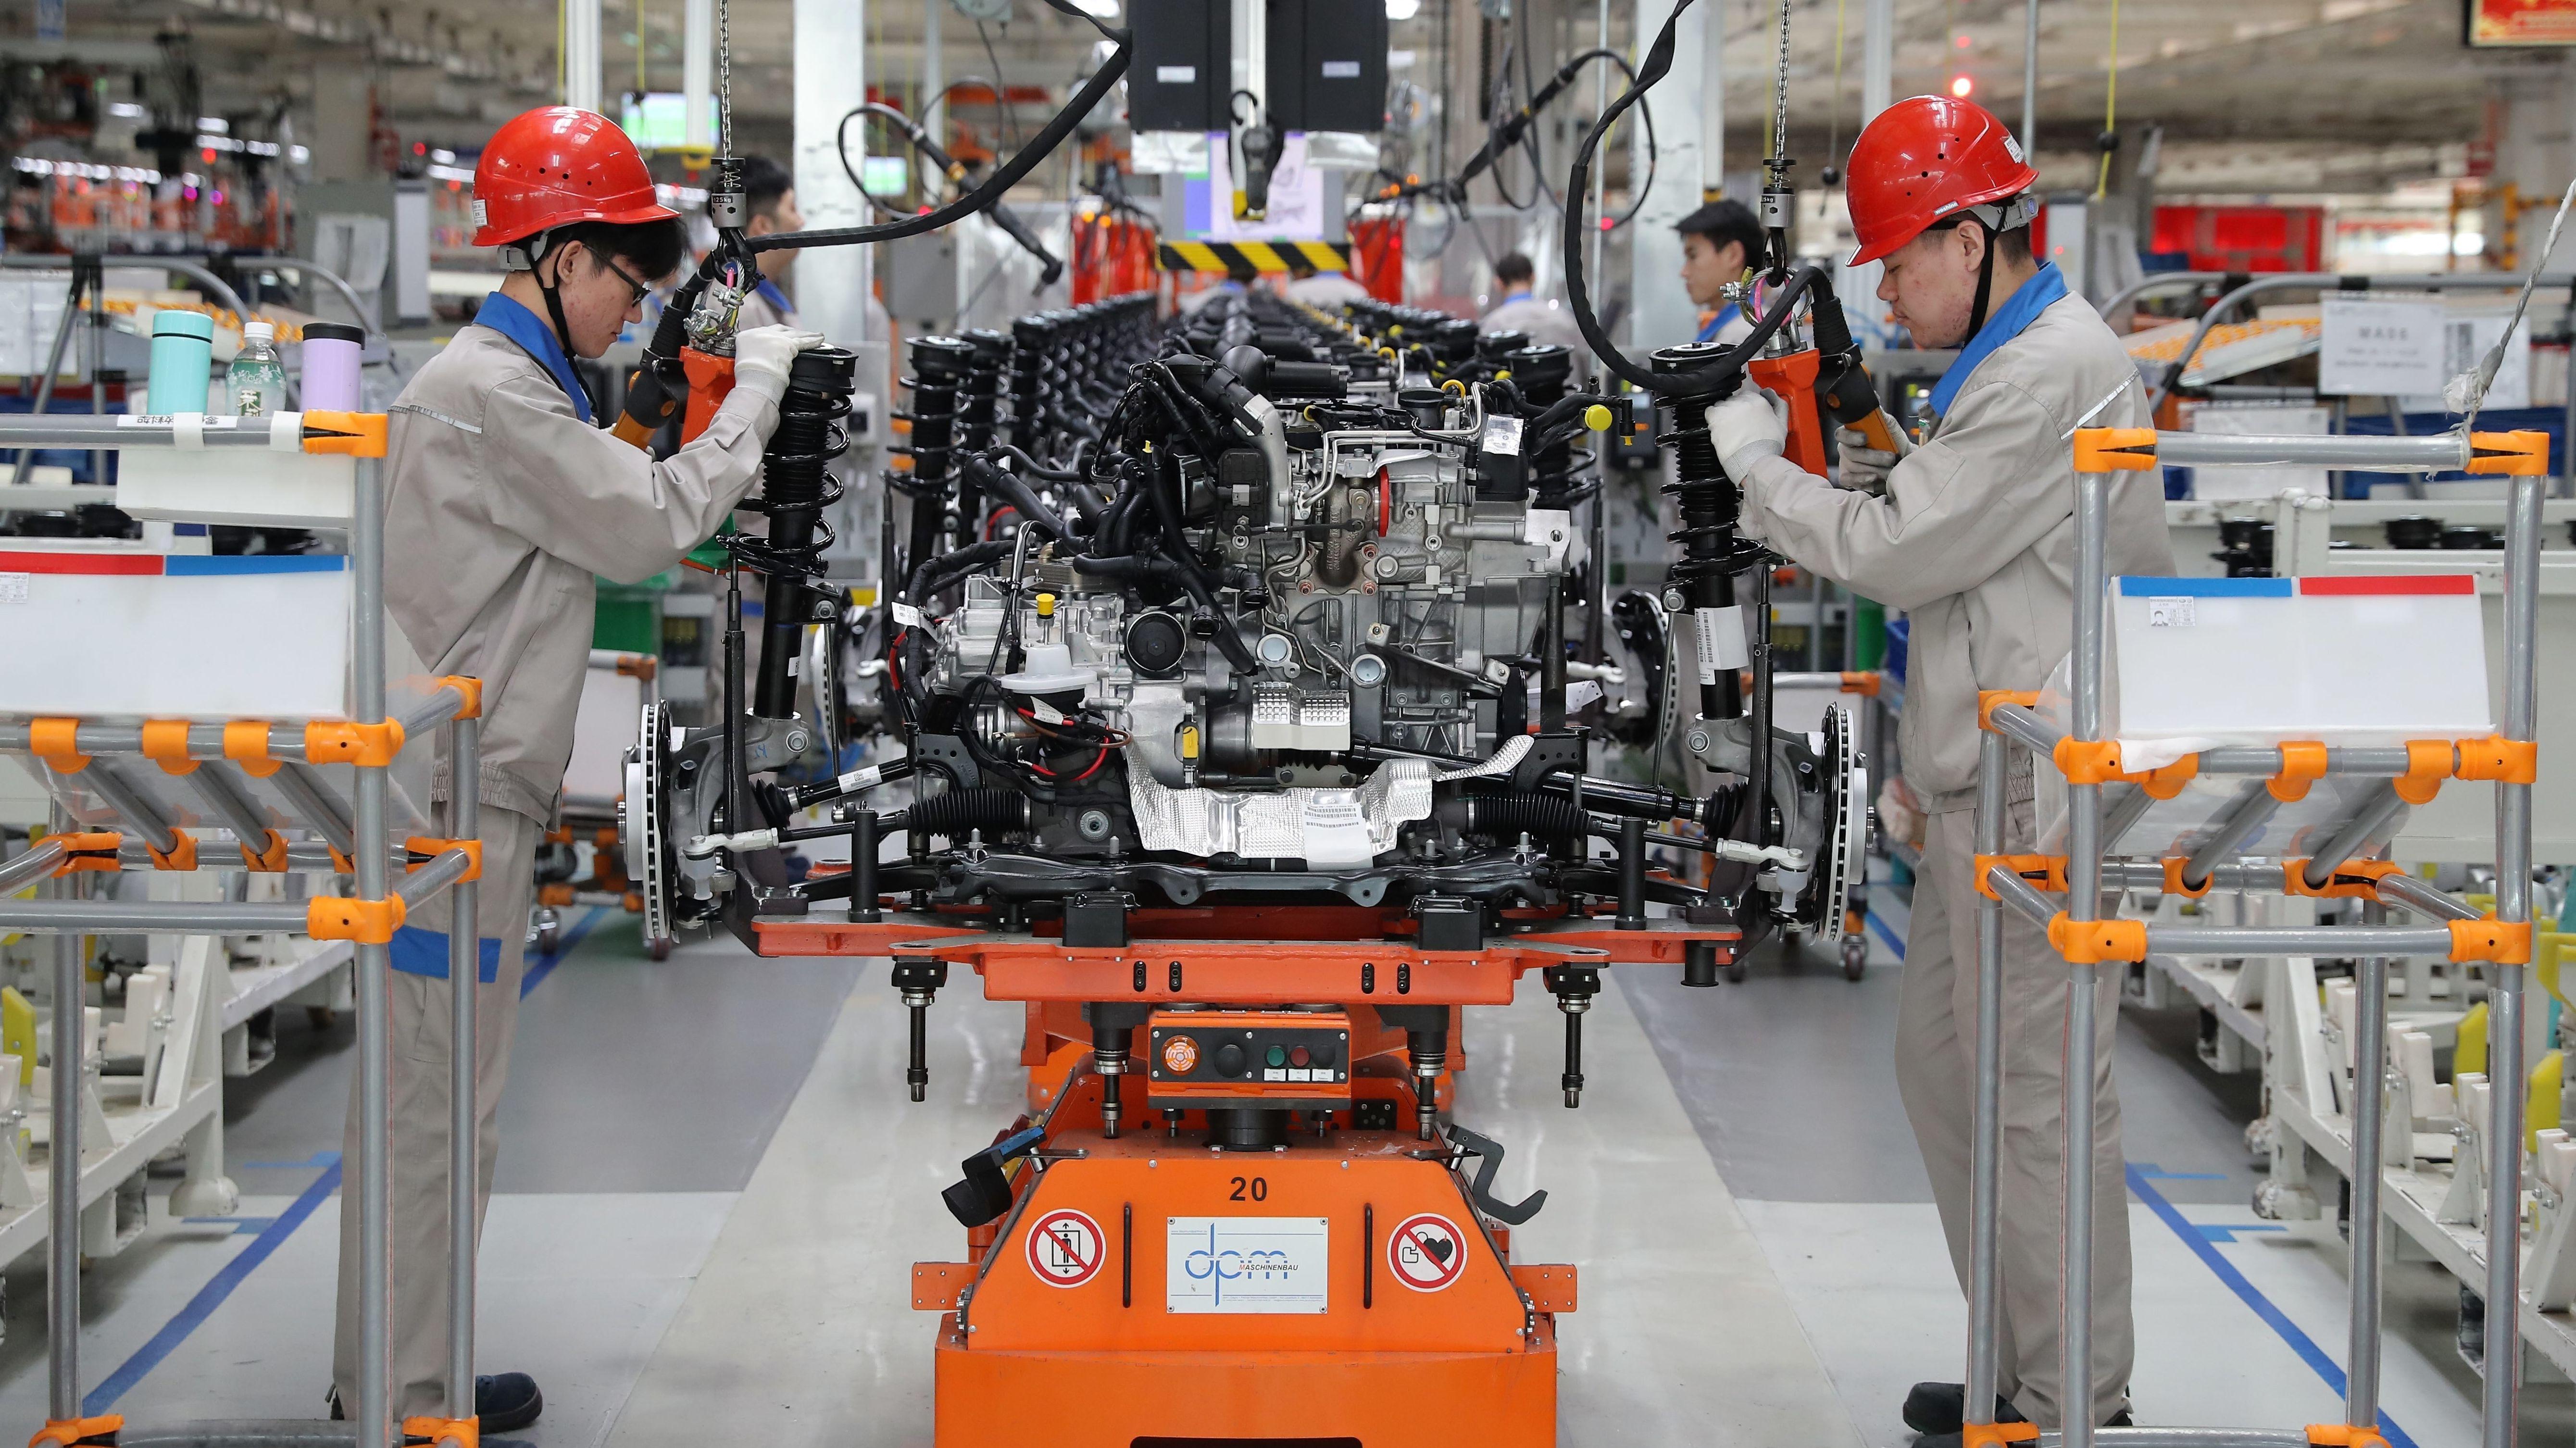 Beschäftigte arbeiten einem chinesischen Gemeinschaftsunternehmen von VW an einem Auto.